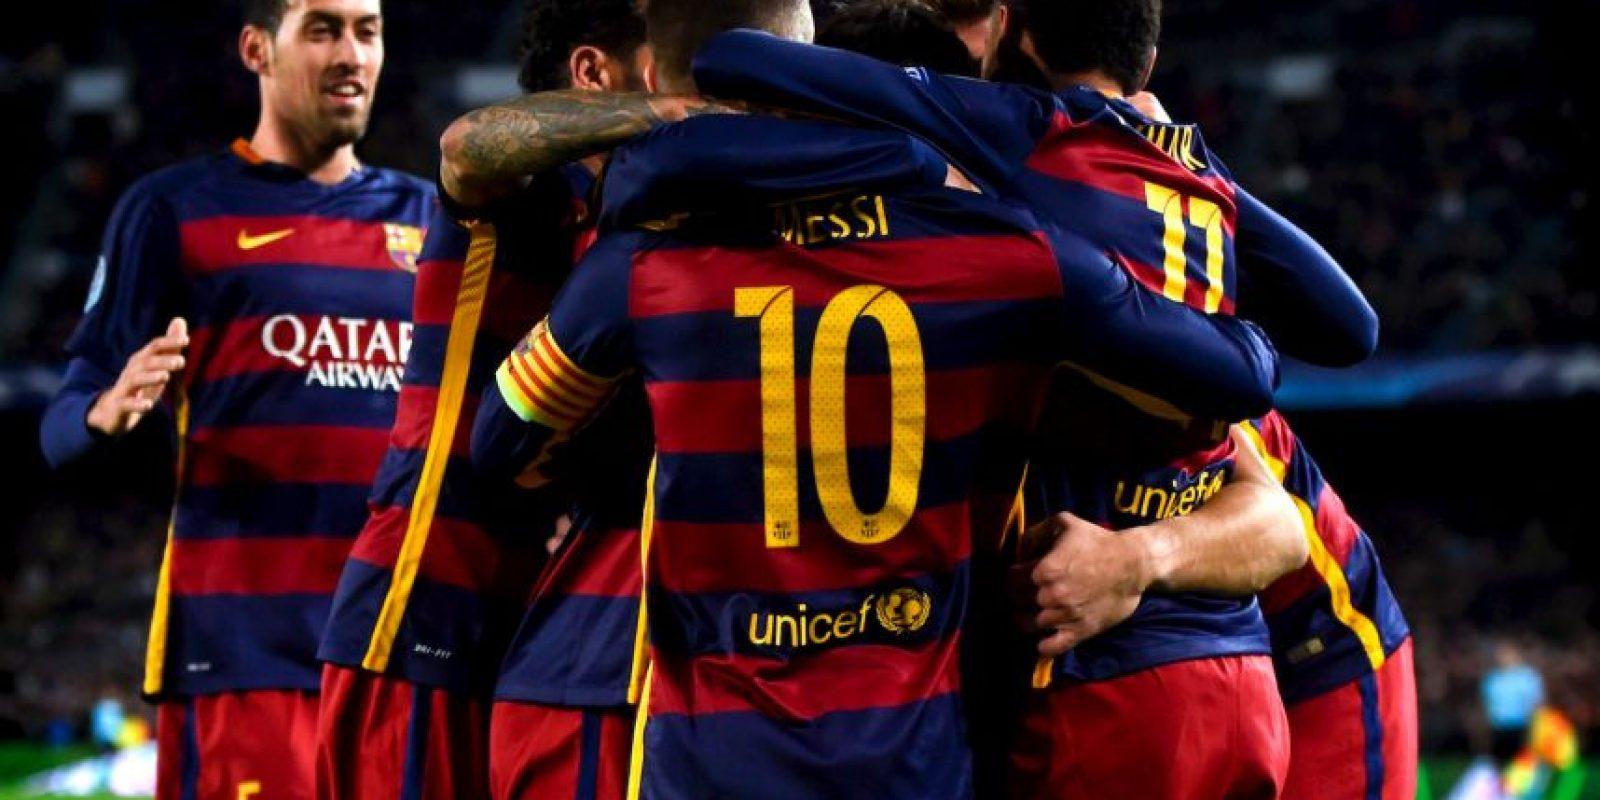 En los dos partidos más recientes han marcado 10 goles y solo recibieron uno. Foto:Getty Images